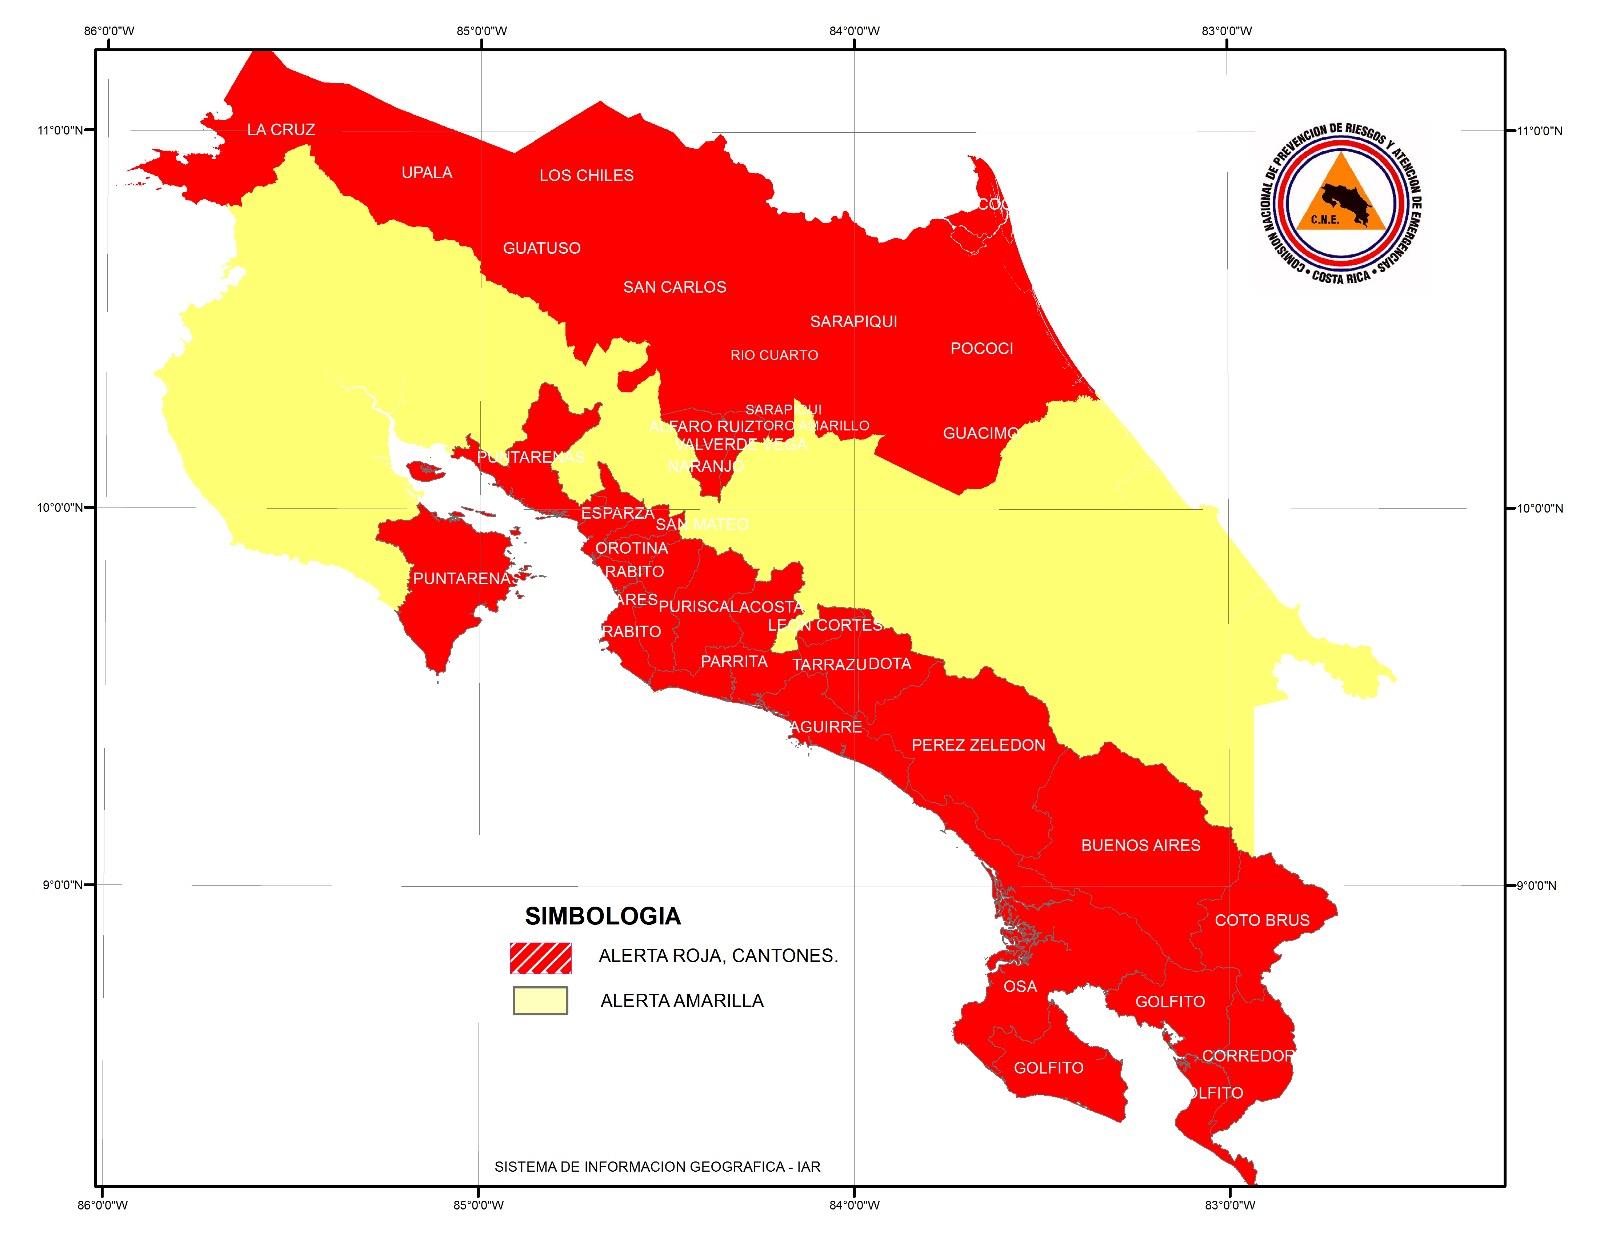 mapa-alerta-cne-2